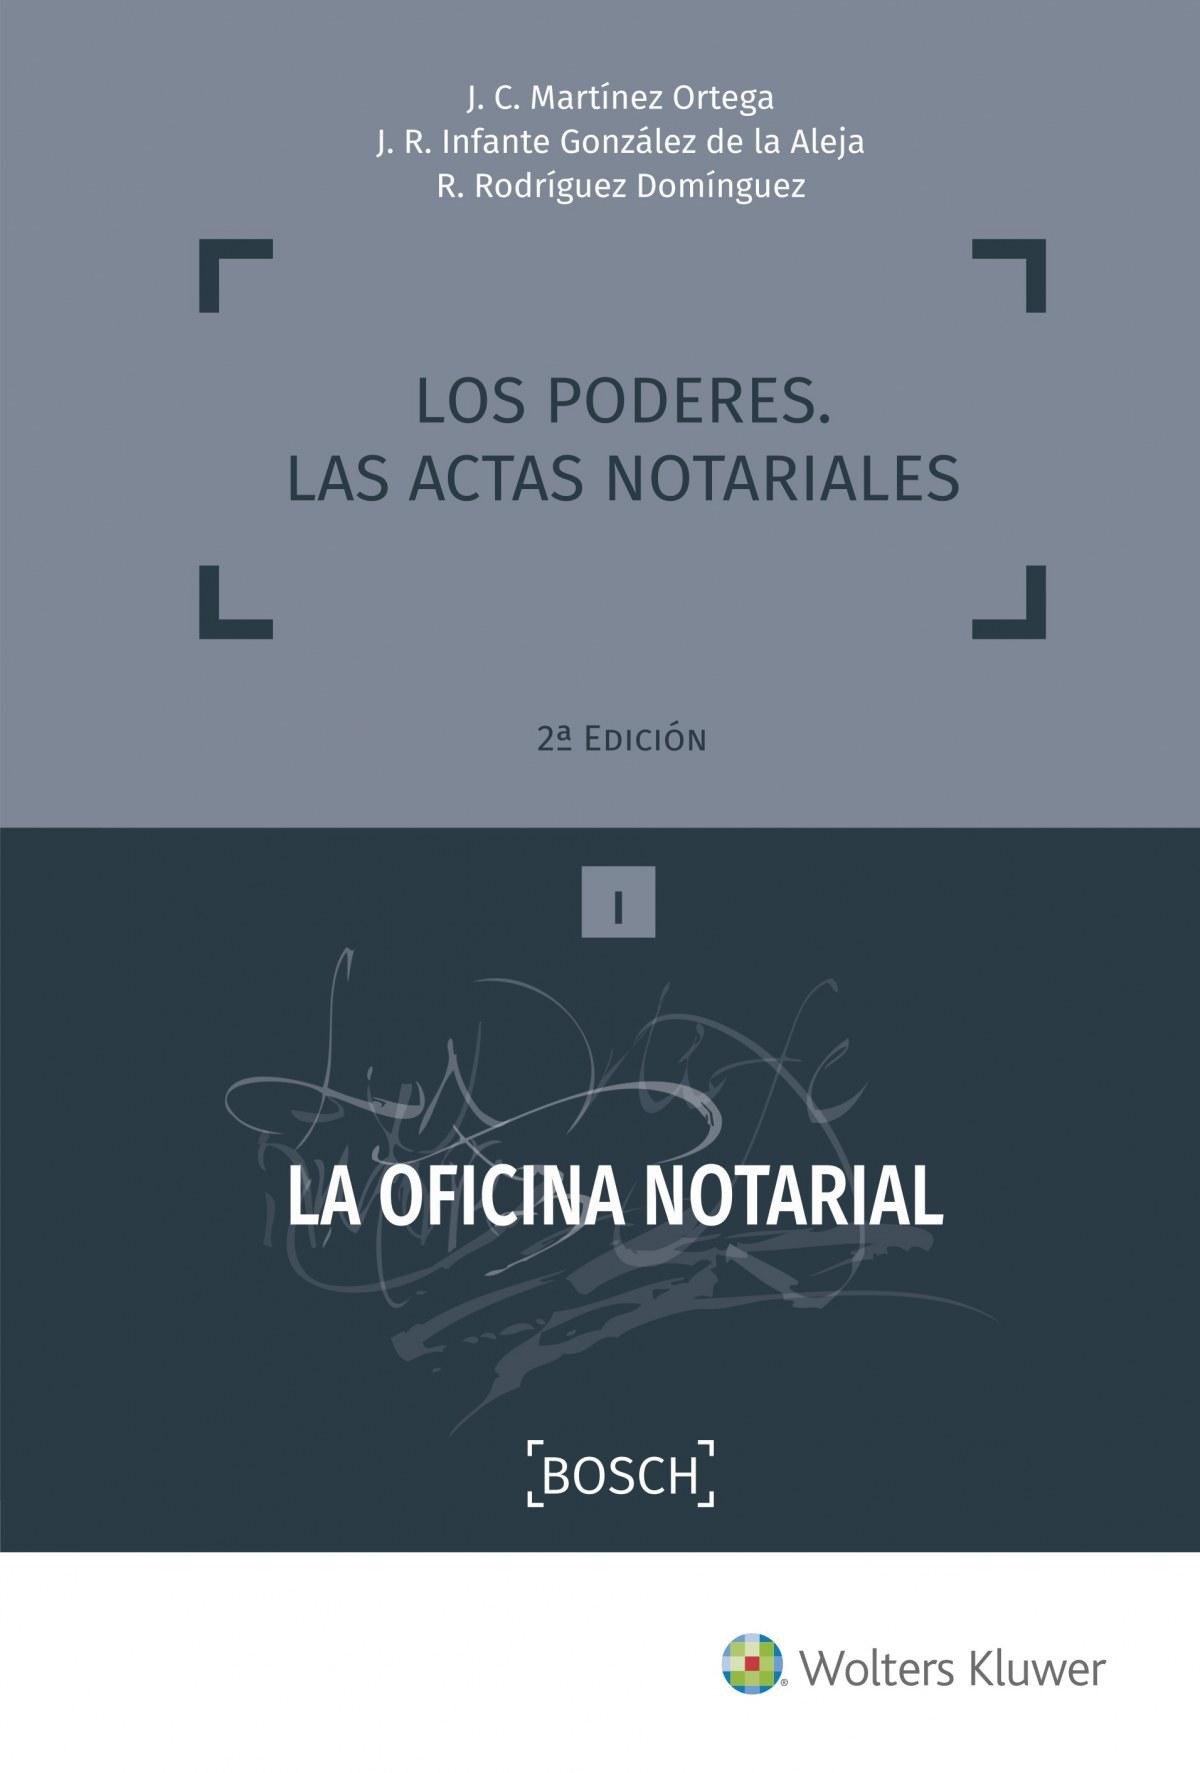 LOS PODERES. LAS ACTAS NOTARIALES